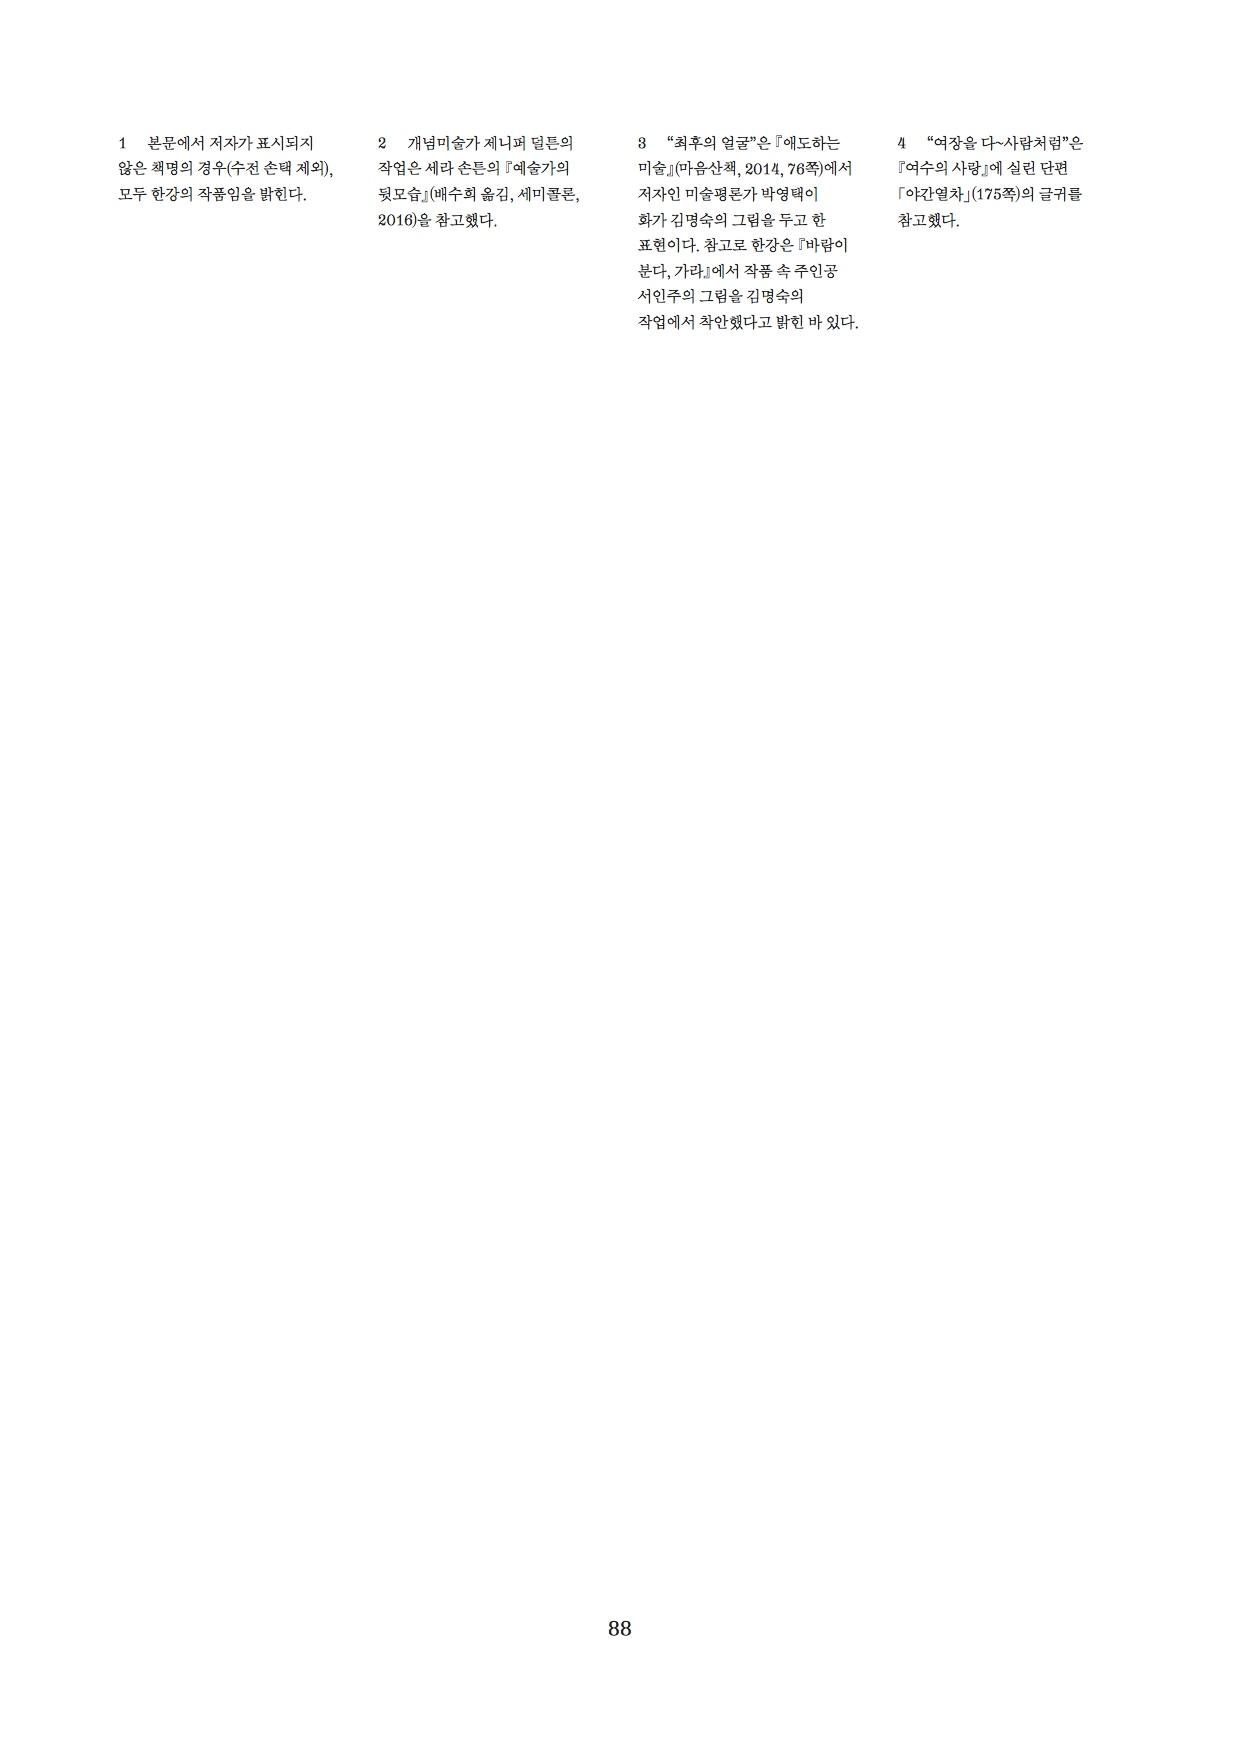 AVP_document_19-display_4